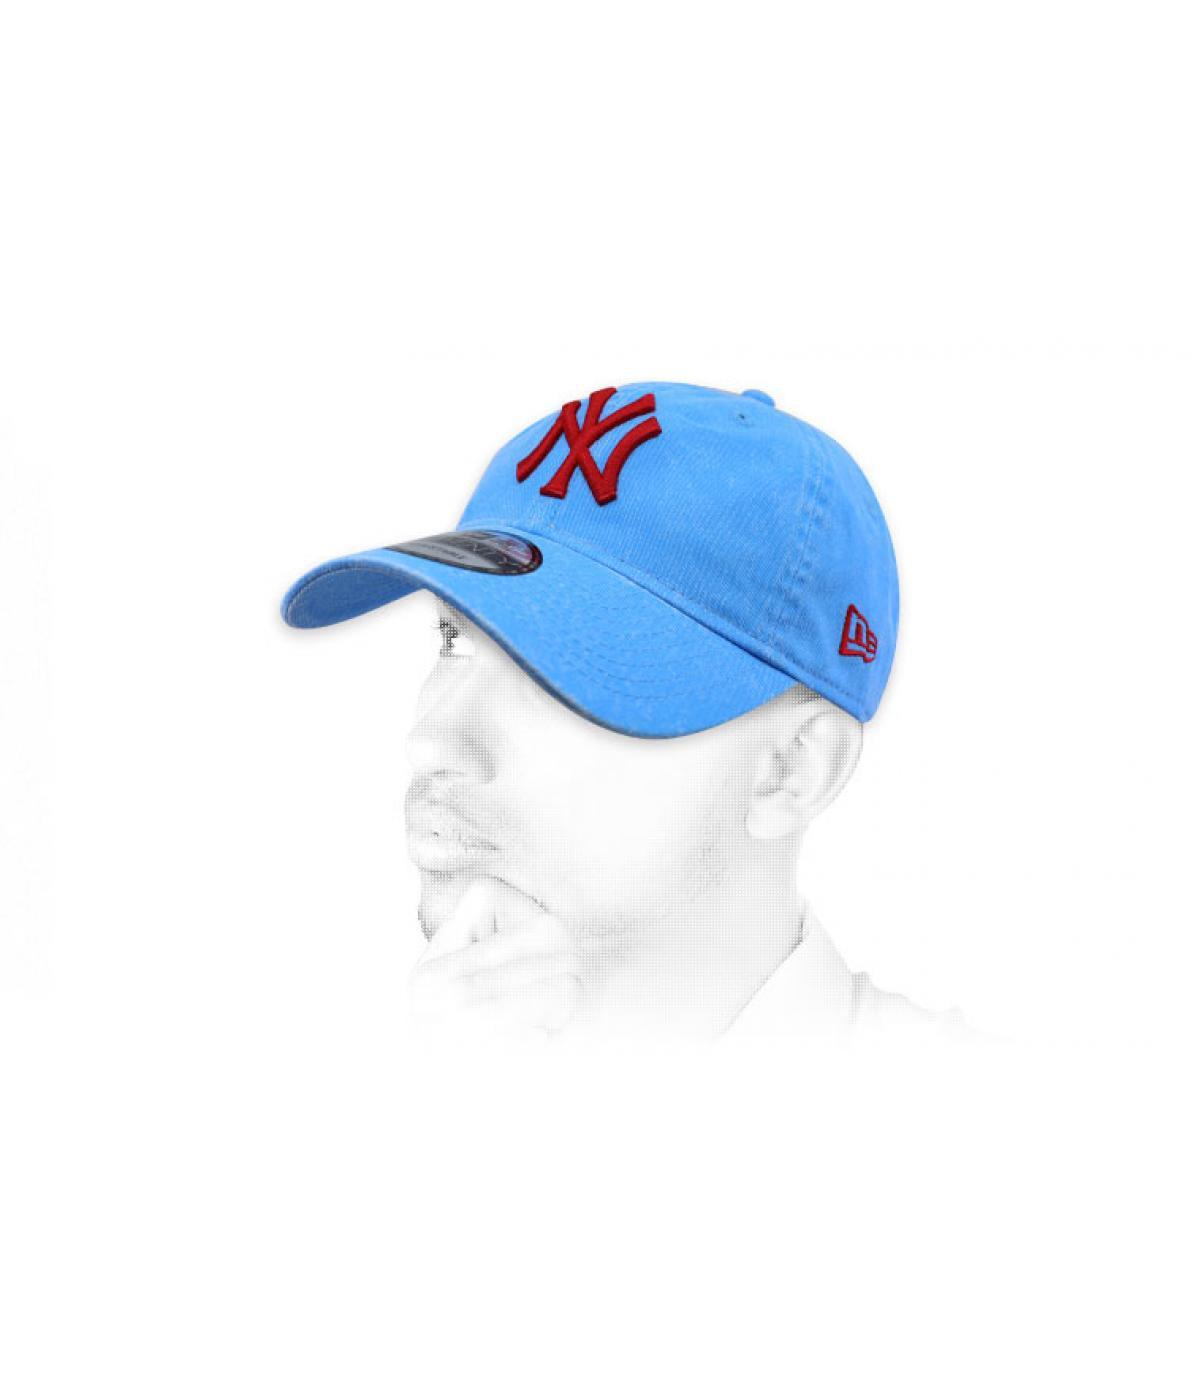 4ec0af277b6c6 Casquette bleue et bleu marine - Enorme choix - Headict